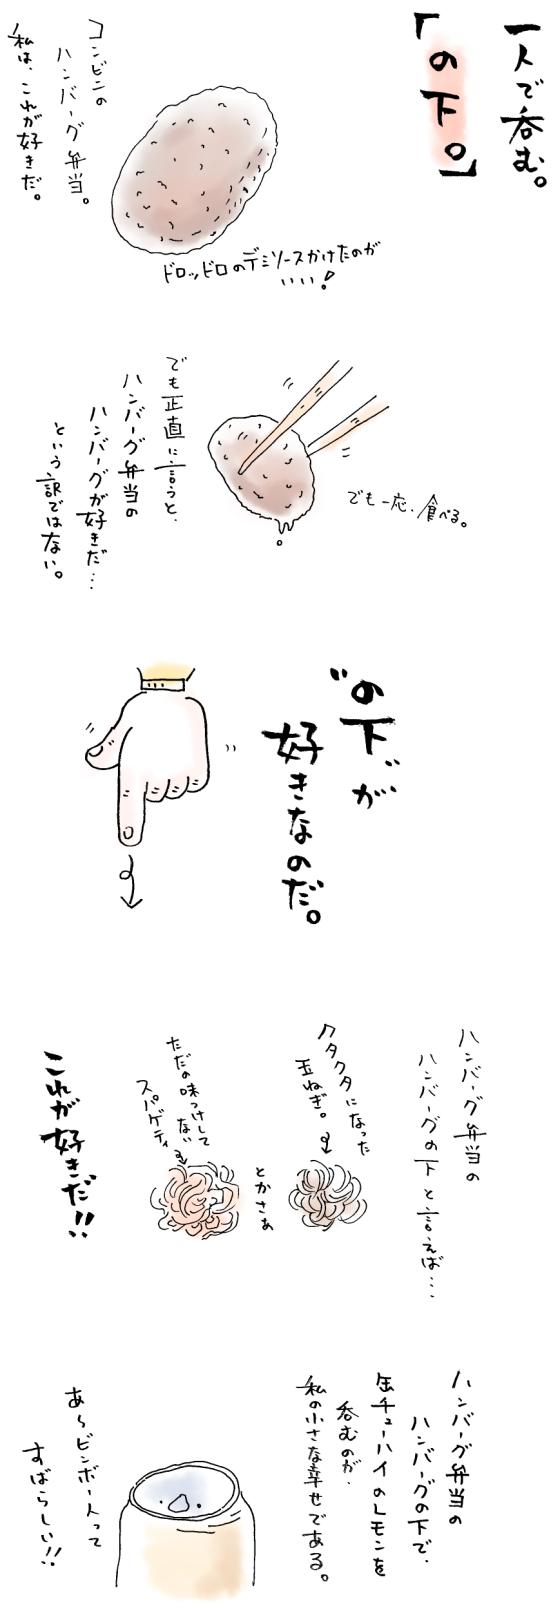 20170331_193416423.jpg